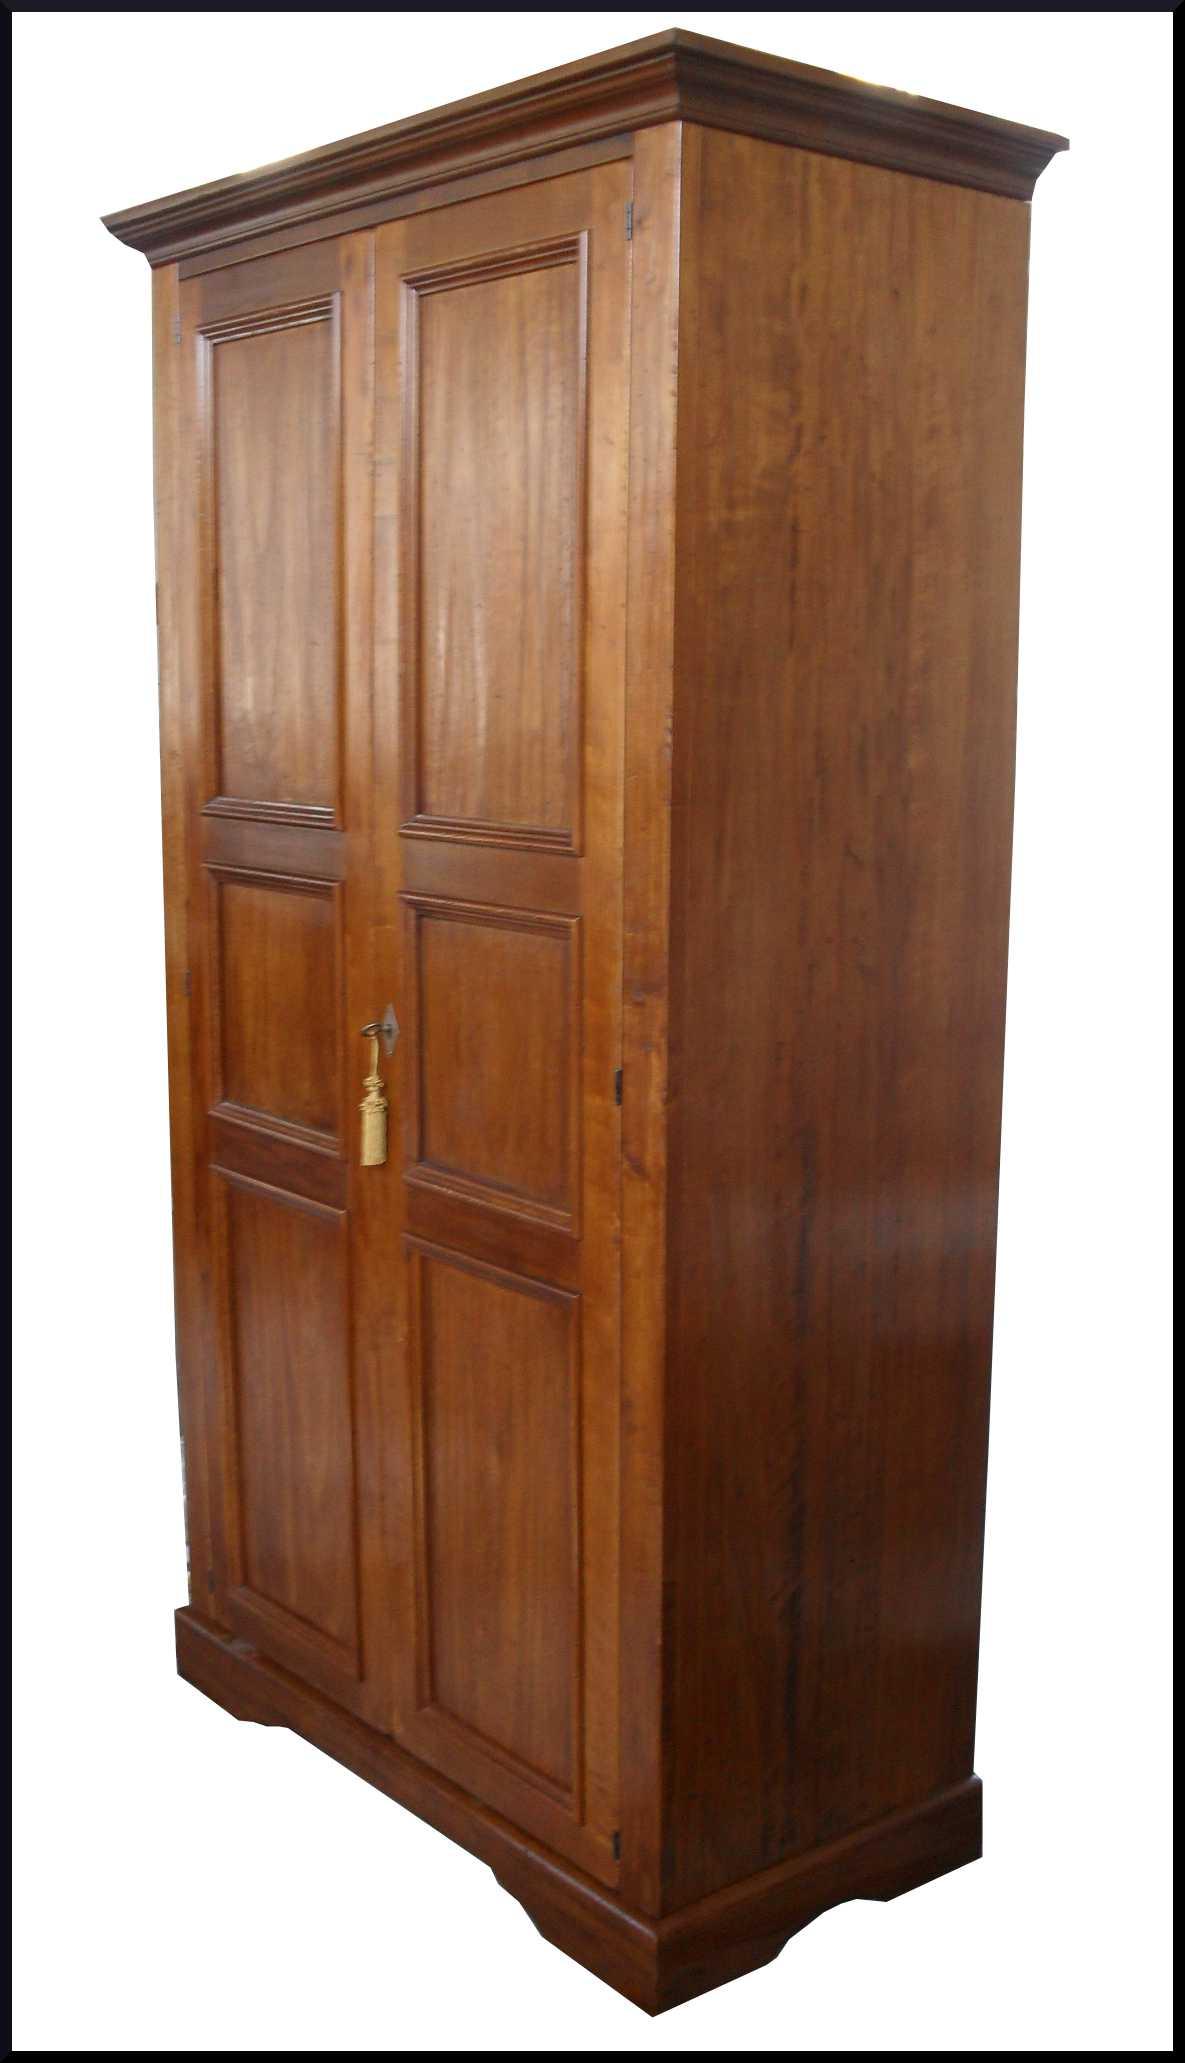 particolare armadietto 2 porte piallato a vecchio stile